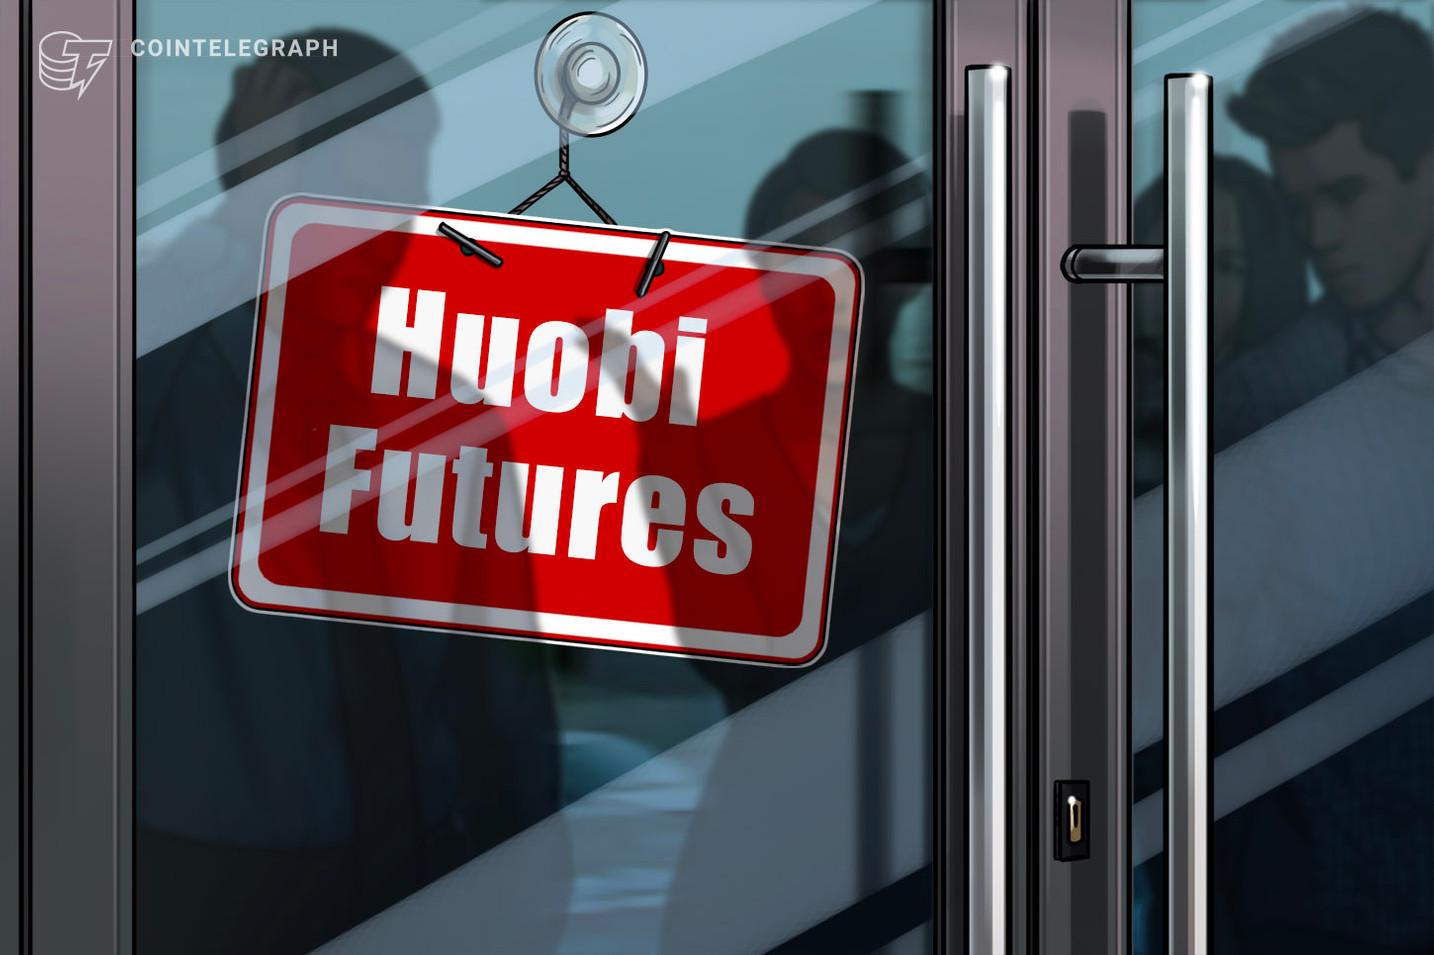 تغيير اسم منصة مشتقات هوبي لتصبح هوبي فيوتشرز لجذب المزيد من المستثمرين